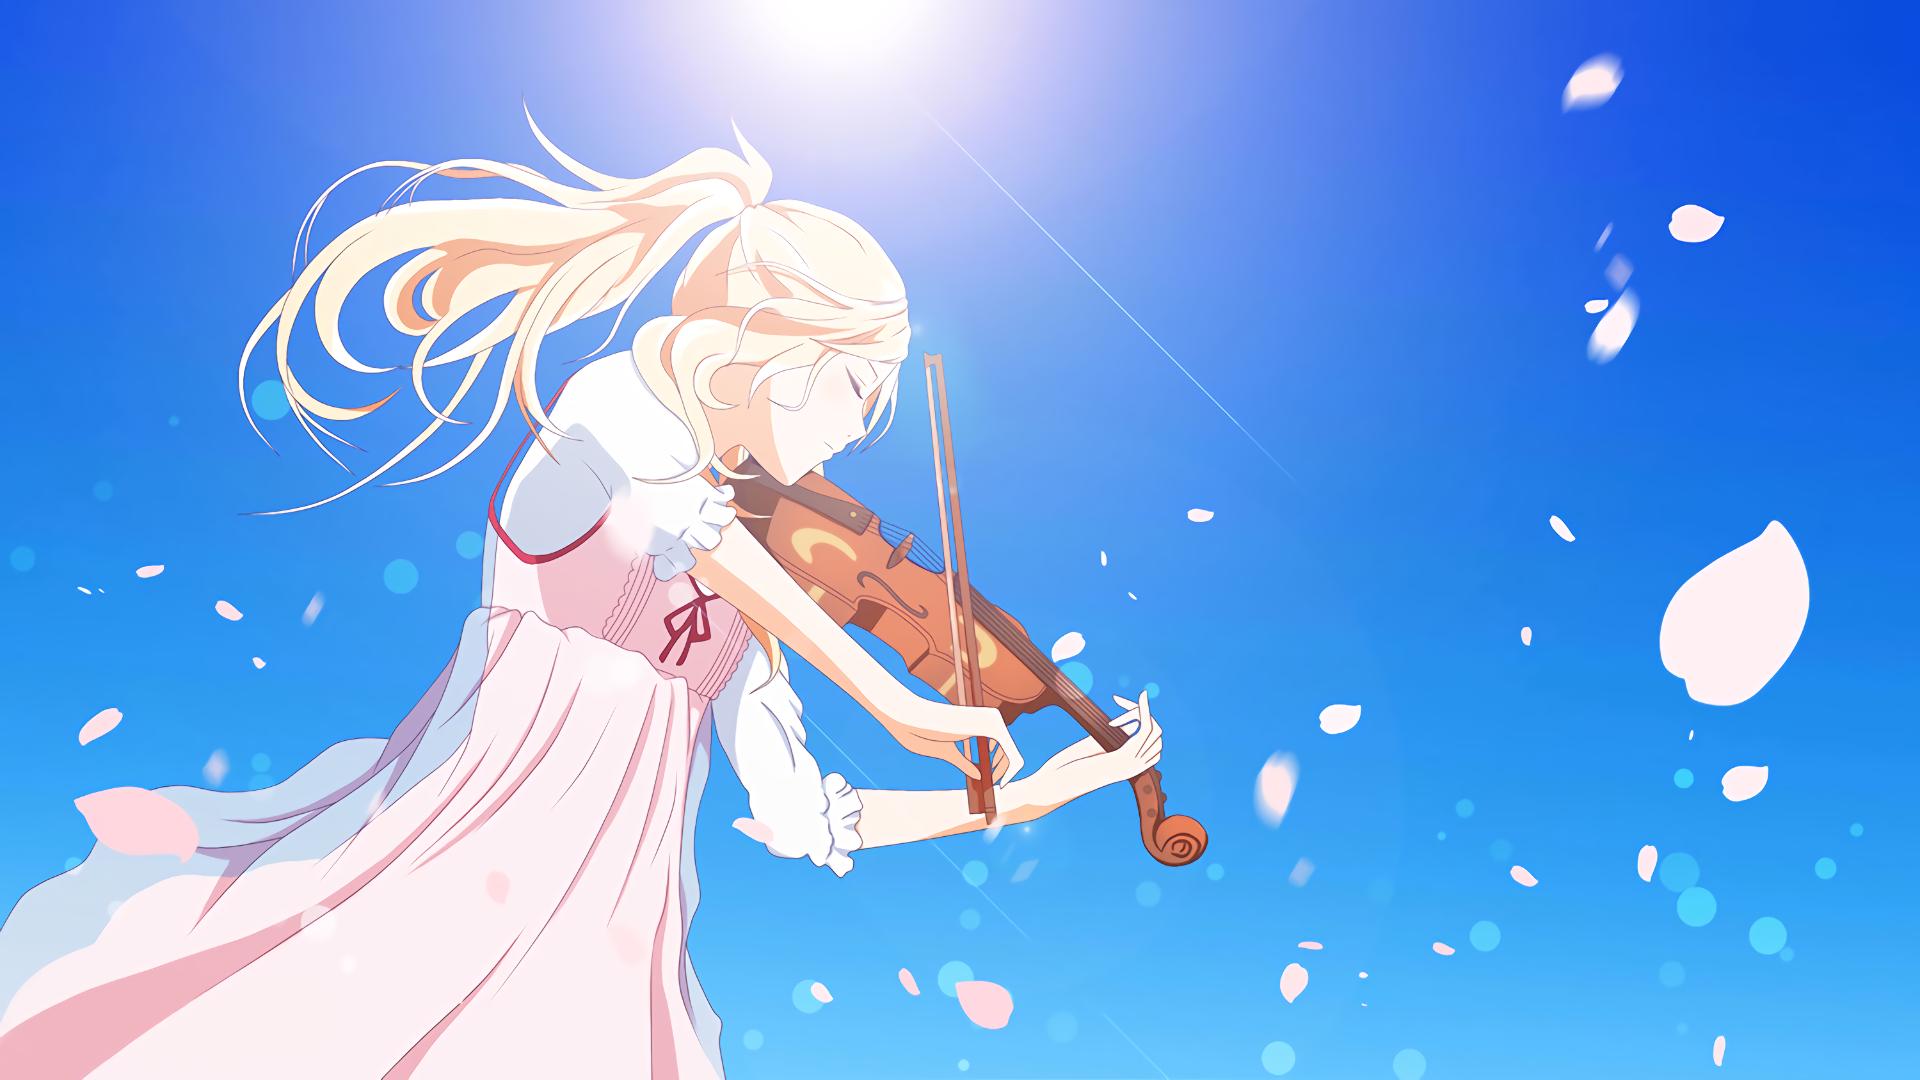 Wallpaper Anime Hd Shigatsu Wa Kimi No Uso Gasebo Wallpaper